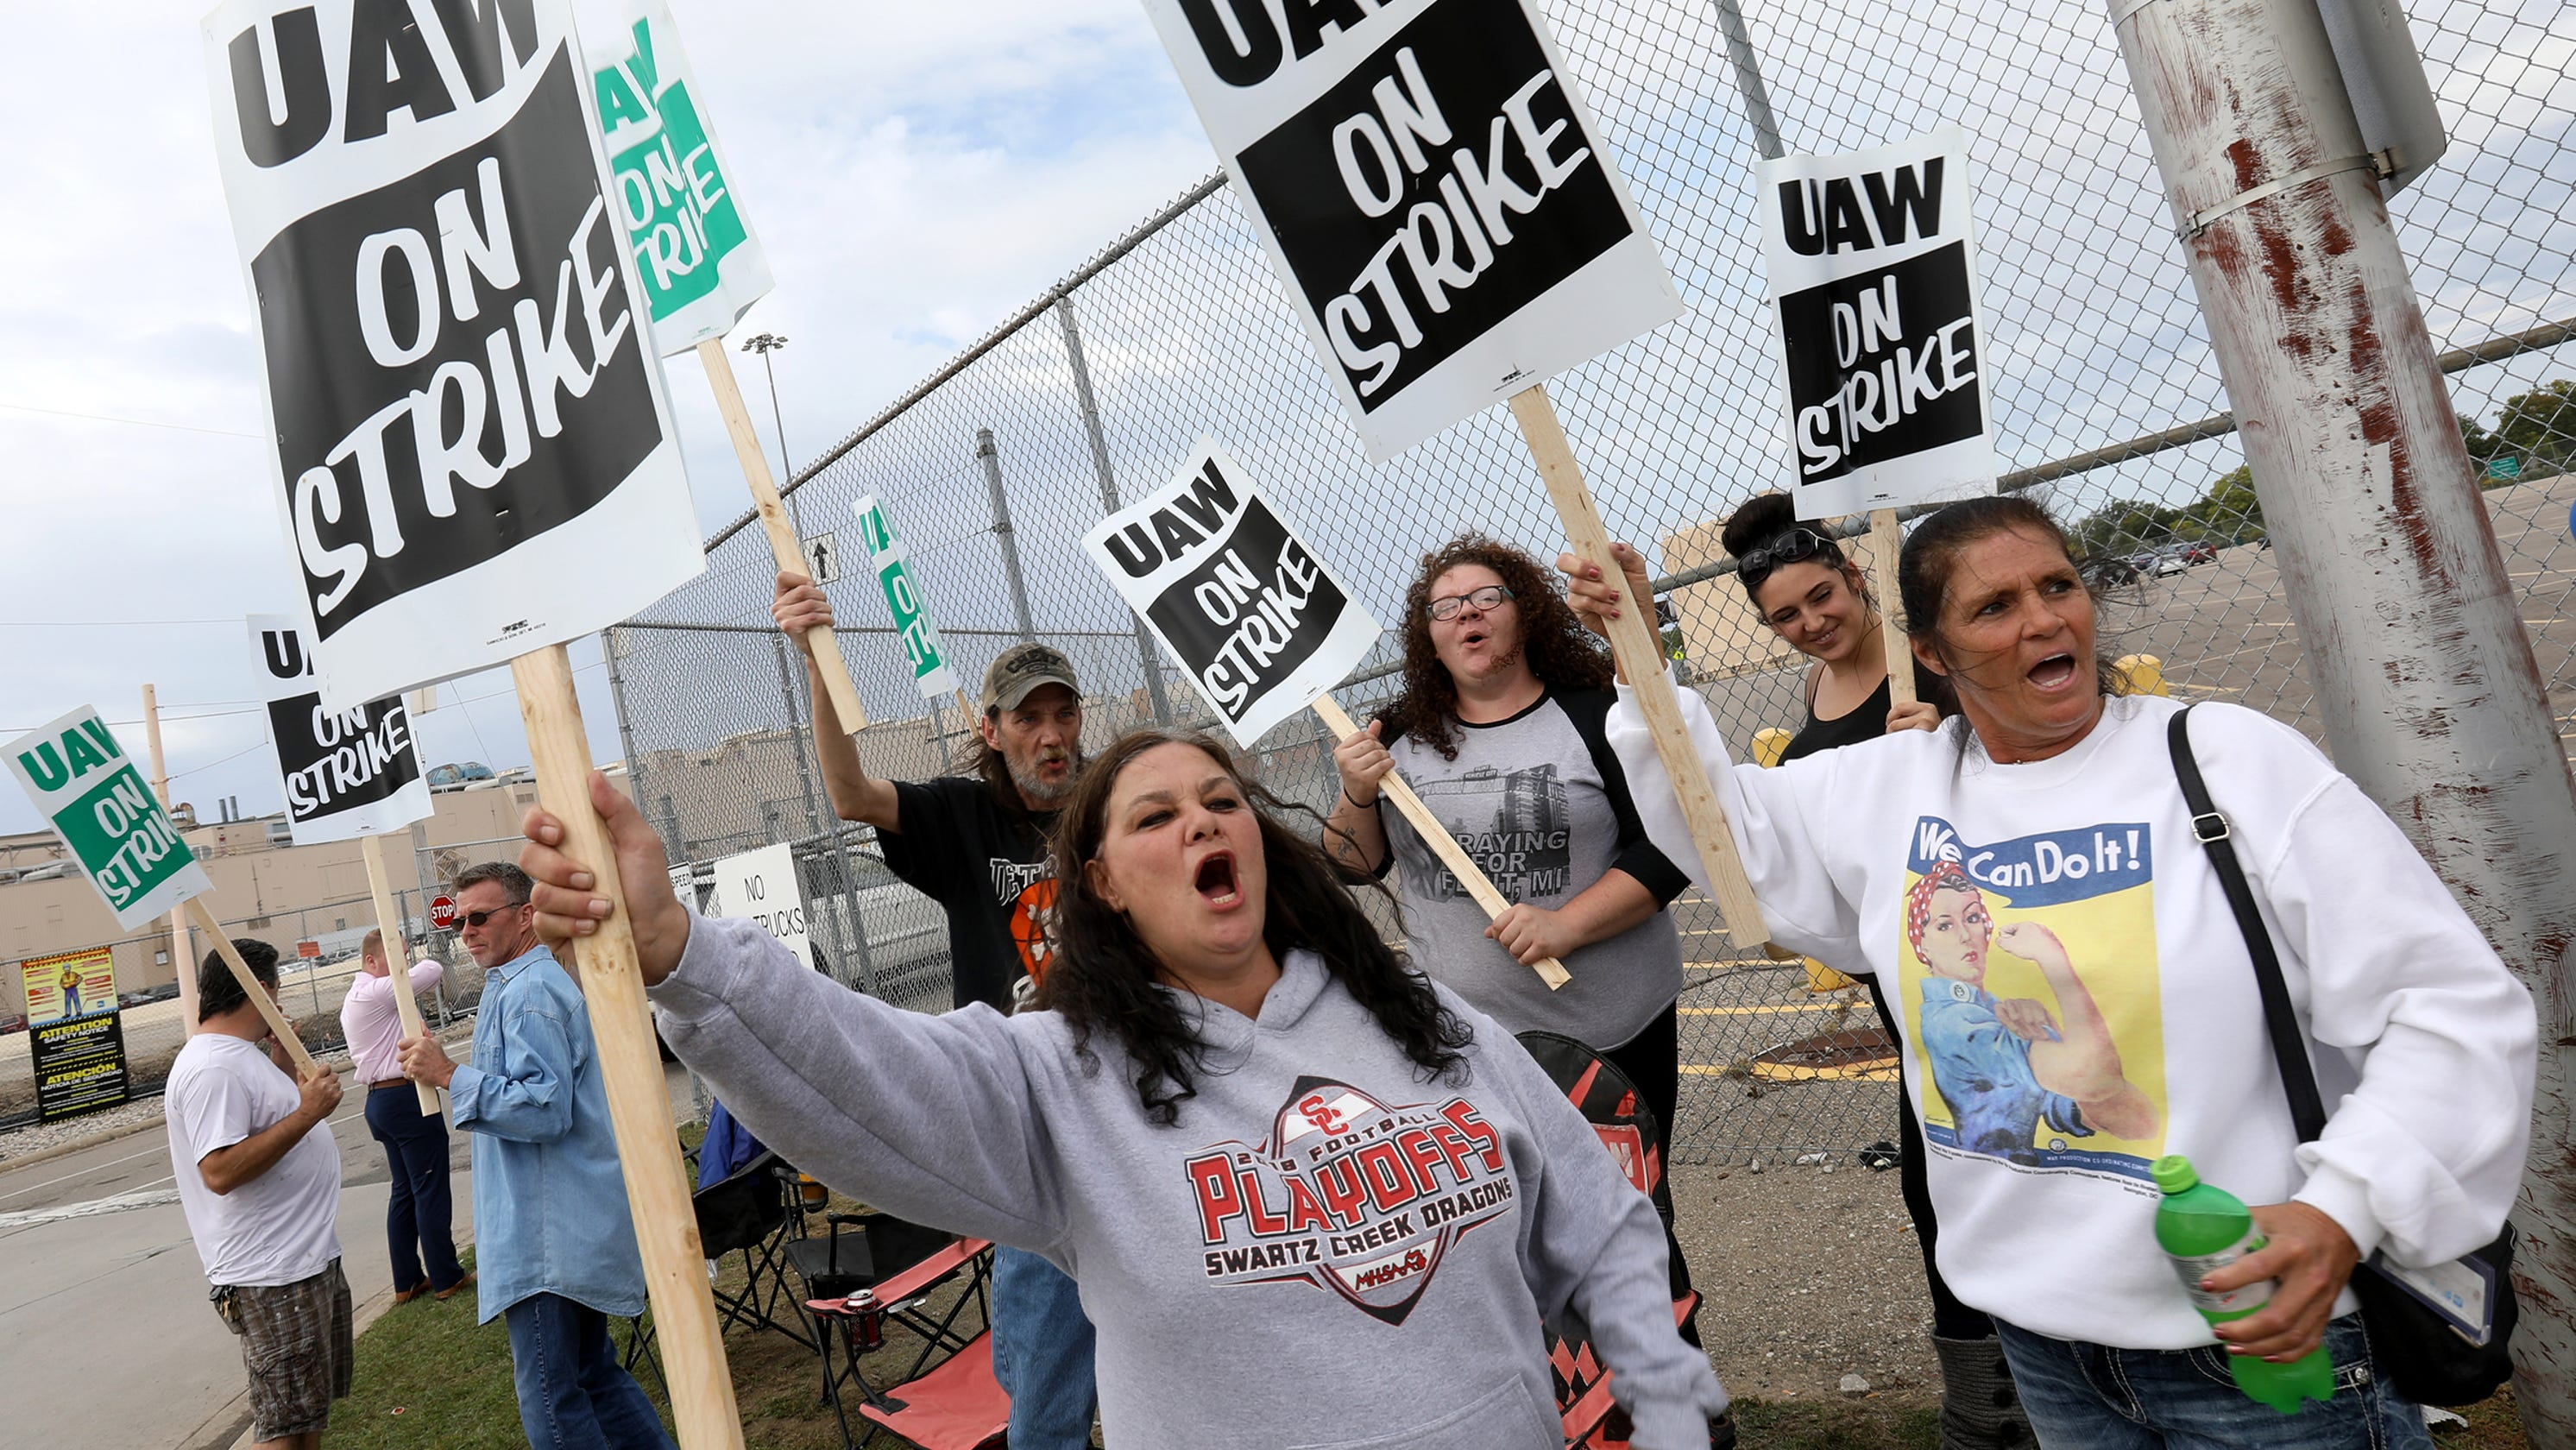 Tras fracasar las negociaciones en Detroit, el sindicato United Auto Workers convocó a una huelga nacional contra General Motors, que incluiría a los miembros locales en la planta de Spring Hill, Tennessee. Foto: www.tennessean.com.